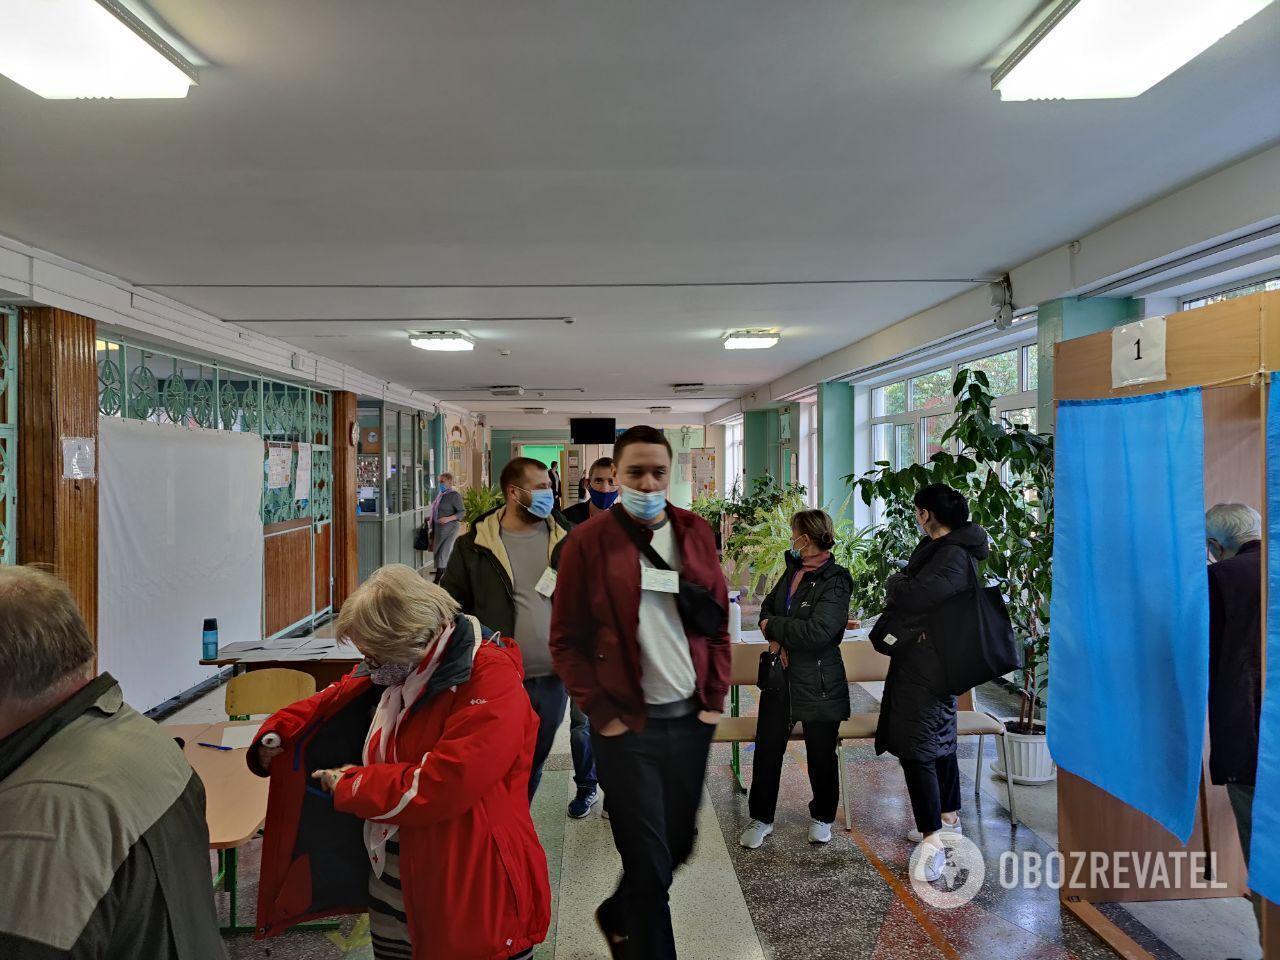 Зараз громадяни голосують переважно спокійно